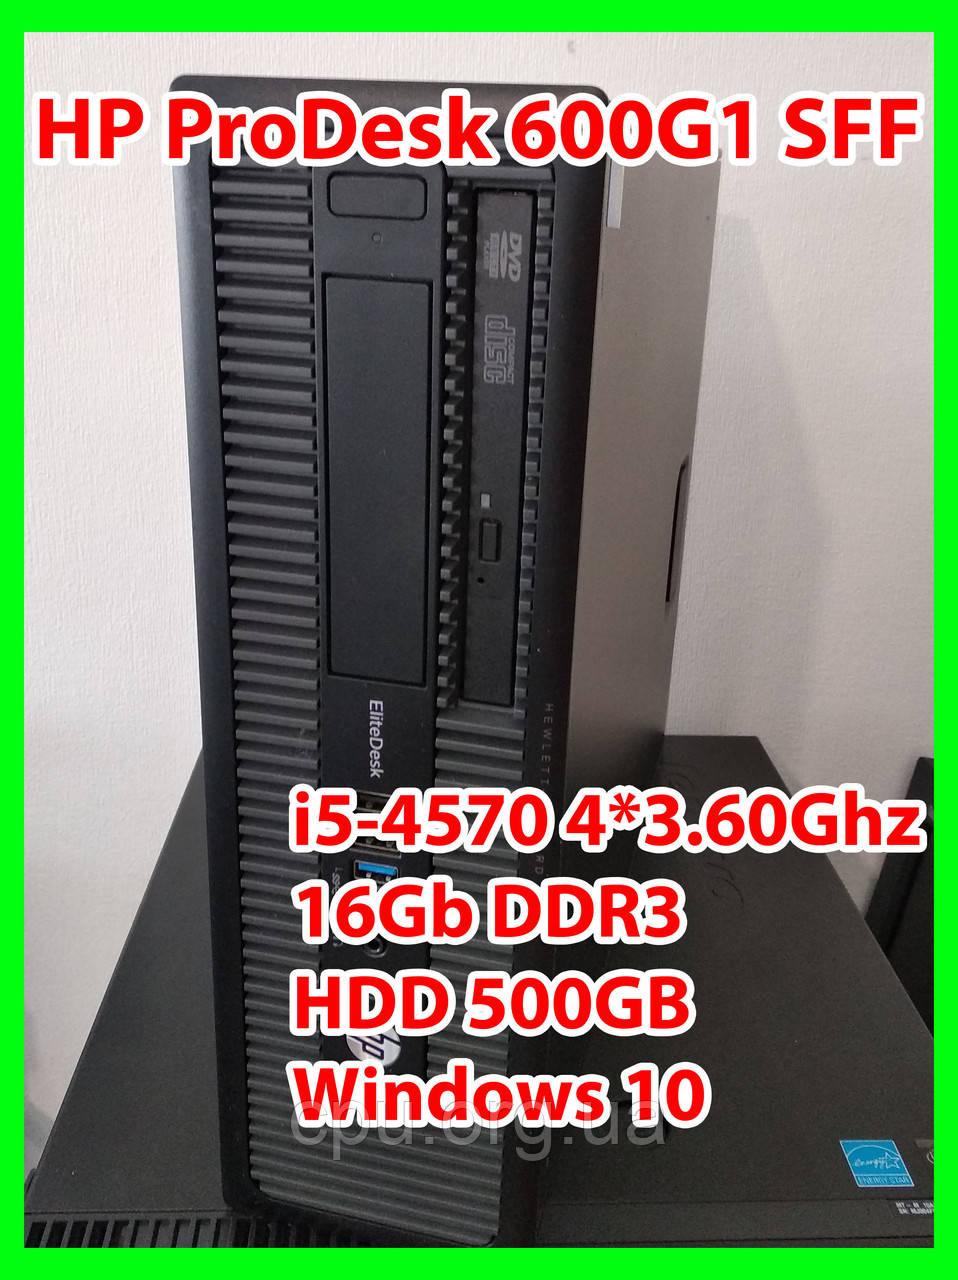 ПК HP 600G1 SFF- i5-4570 4 ядра 3,20-3,60Ghz / 16GB DDR3 / 500GB